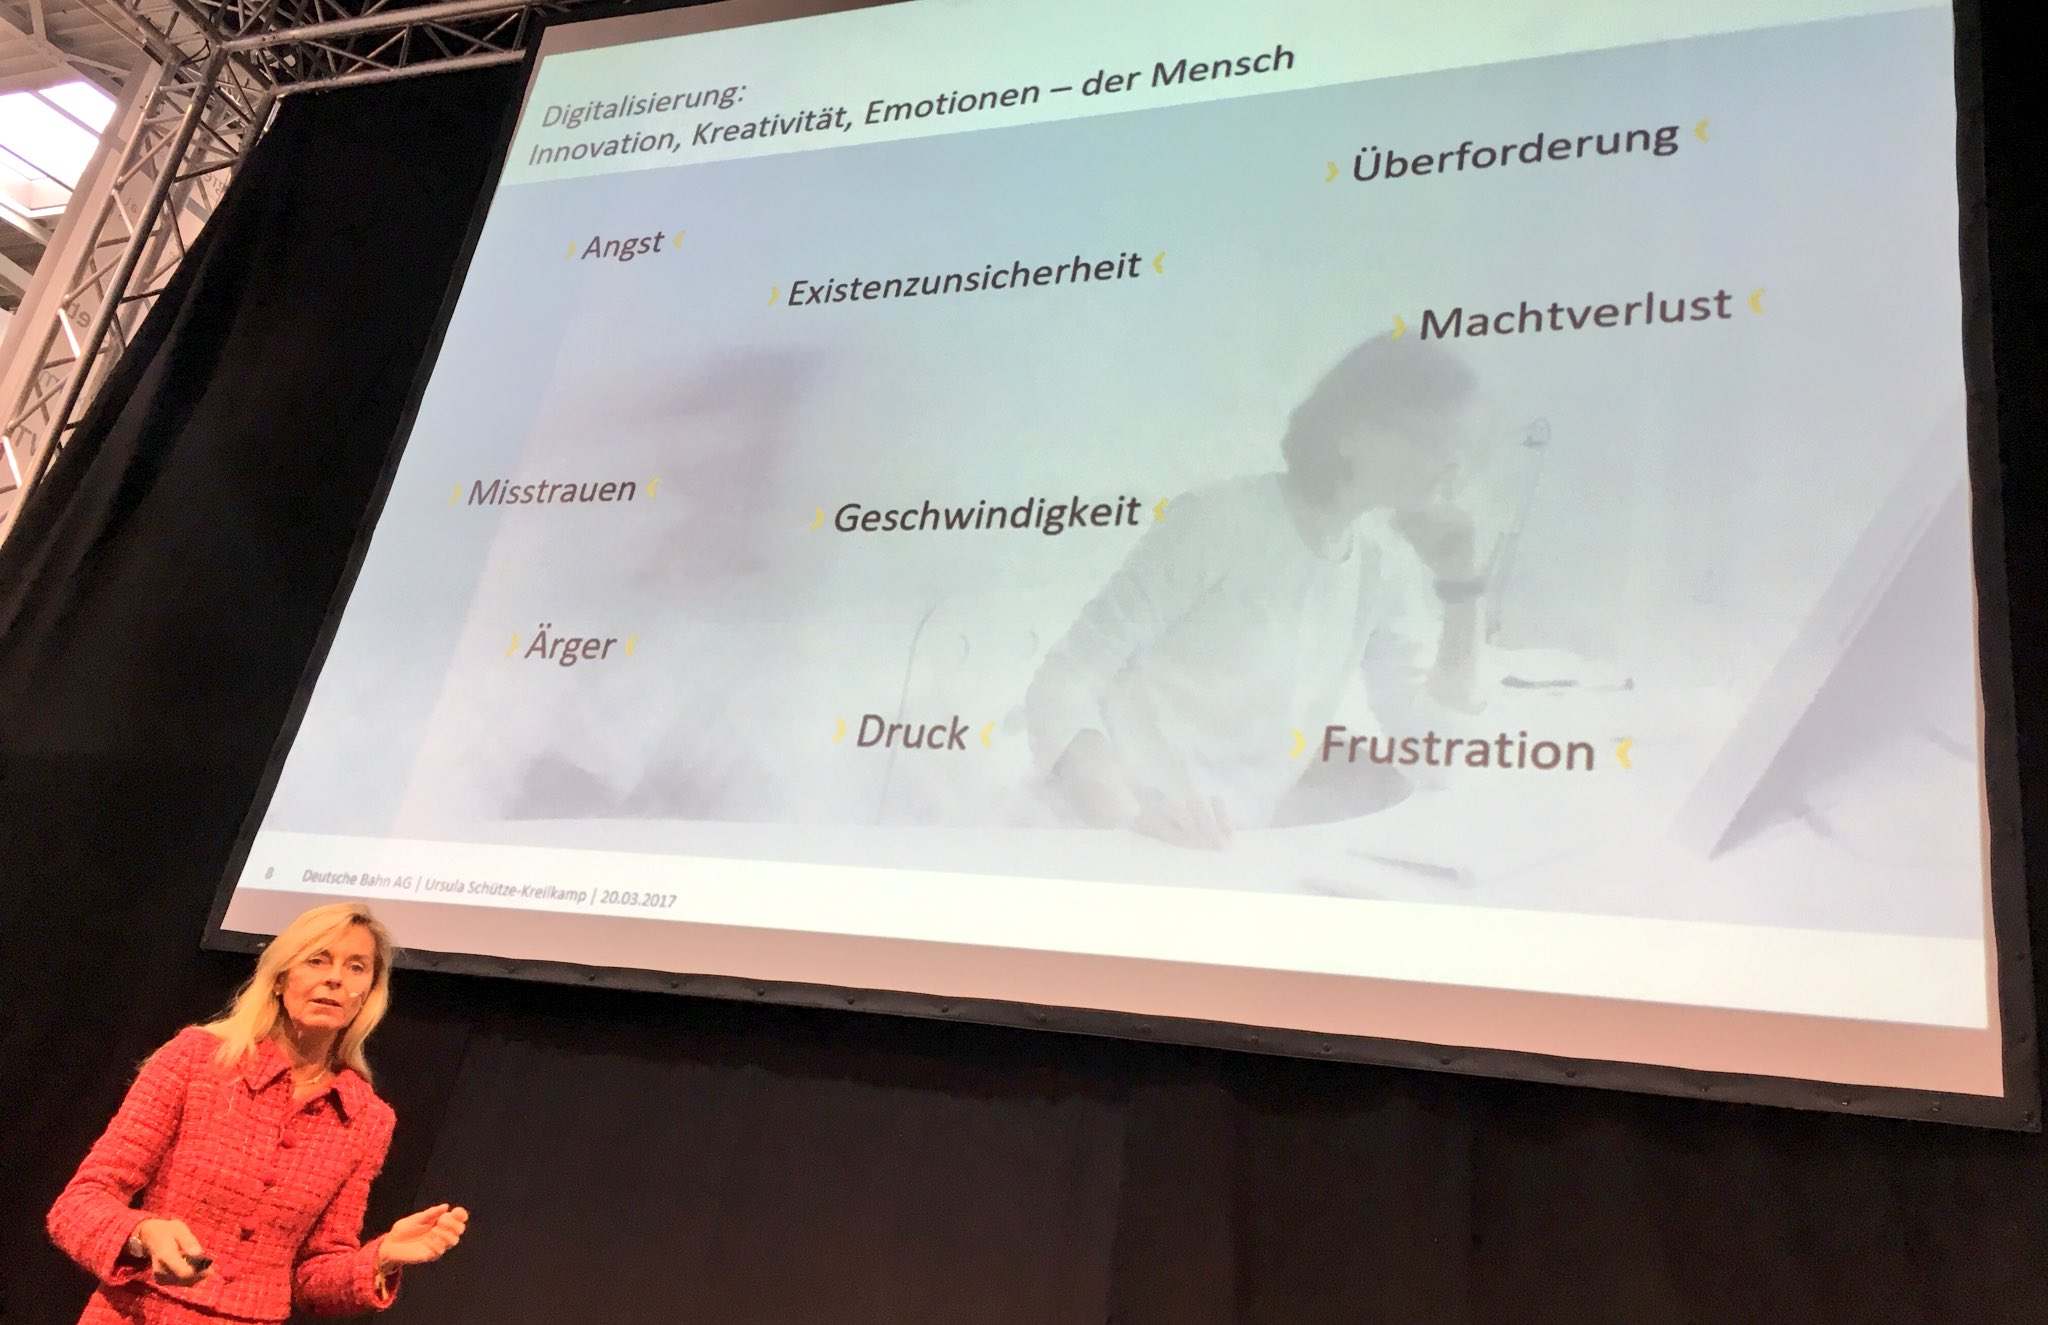 Digitalisierung bedeutet auch emotionale Überforderung.Wie vermitteln wir den Leuten Spass?fragt Ursula Schütze-Kreilkamp auf der #cebiteda https://t.co/MKrGFKv45I